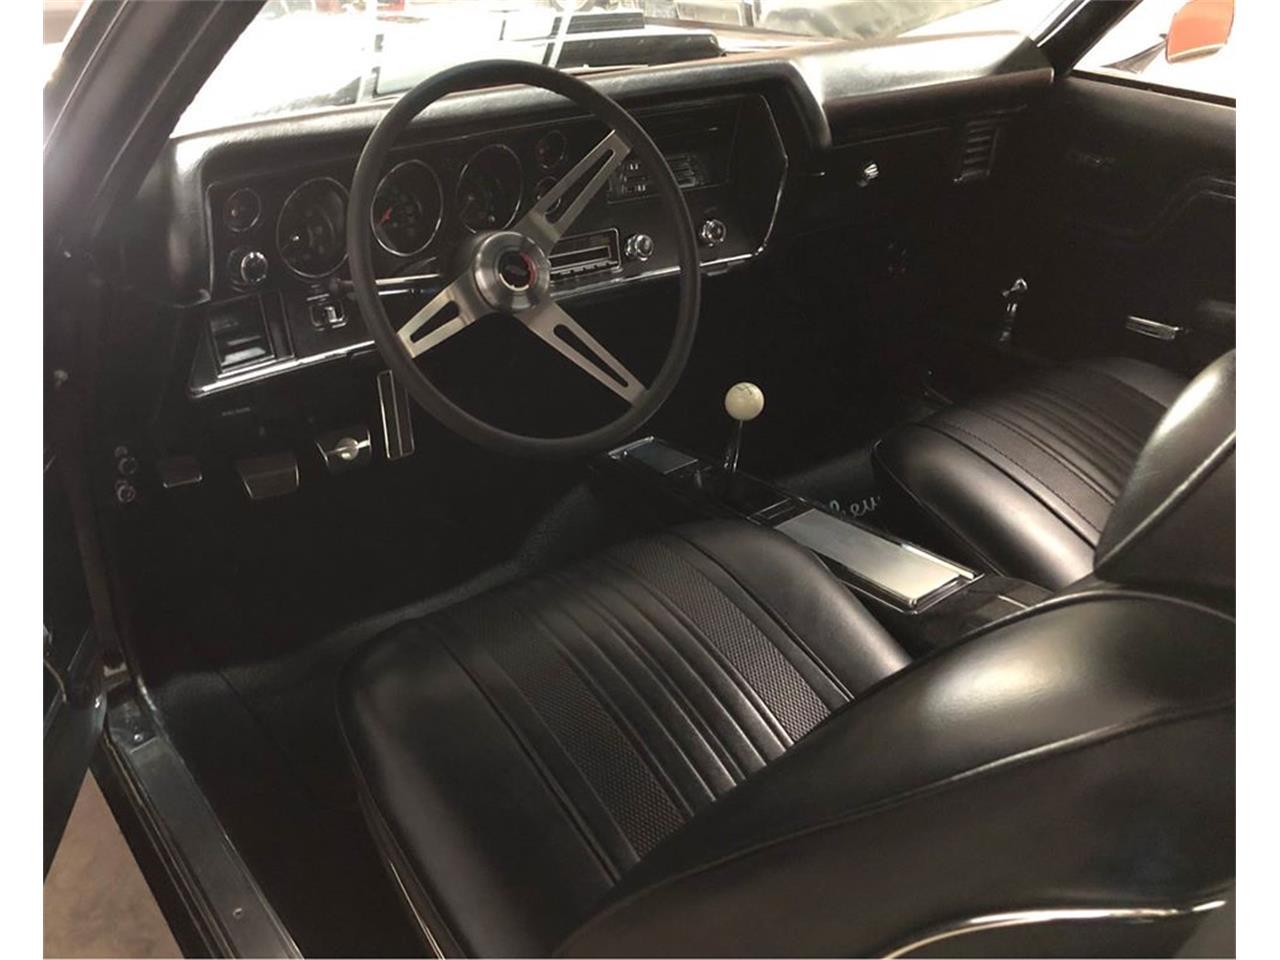 1970 Chevrolet Chevelle (CC-1377365) for sale in Swansboro, North Carolina